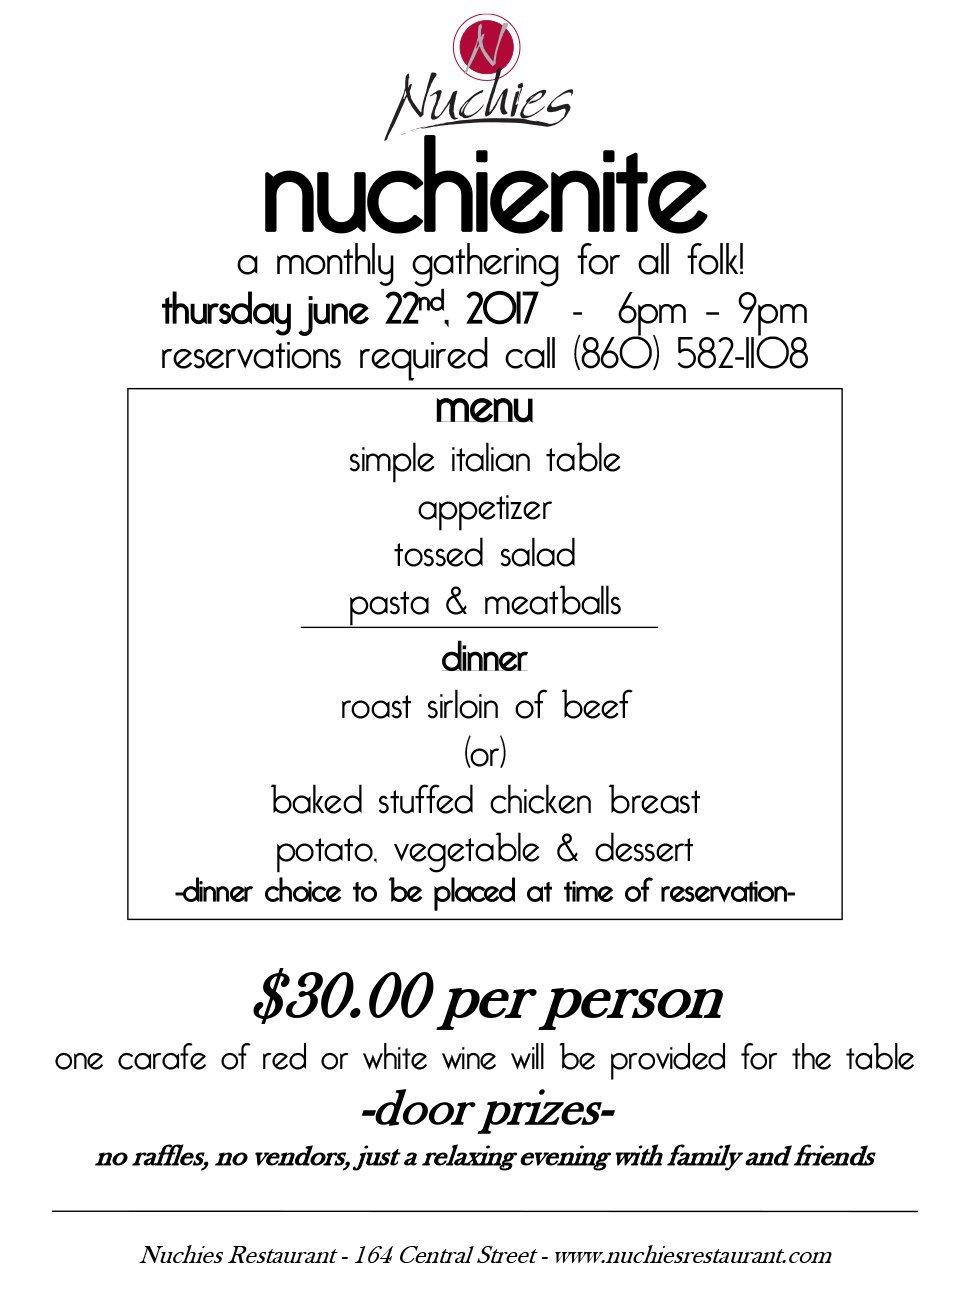 Nuchie Nite   Bristol, CT   Nuchie's Restaurant   860-582-1108